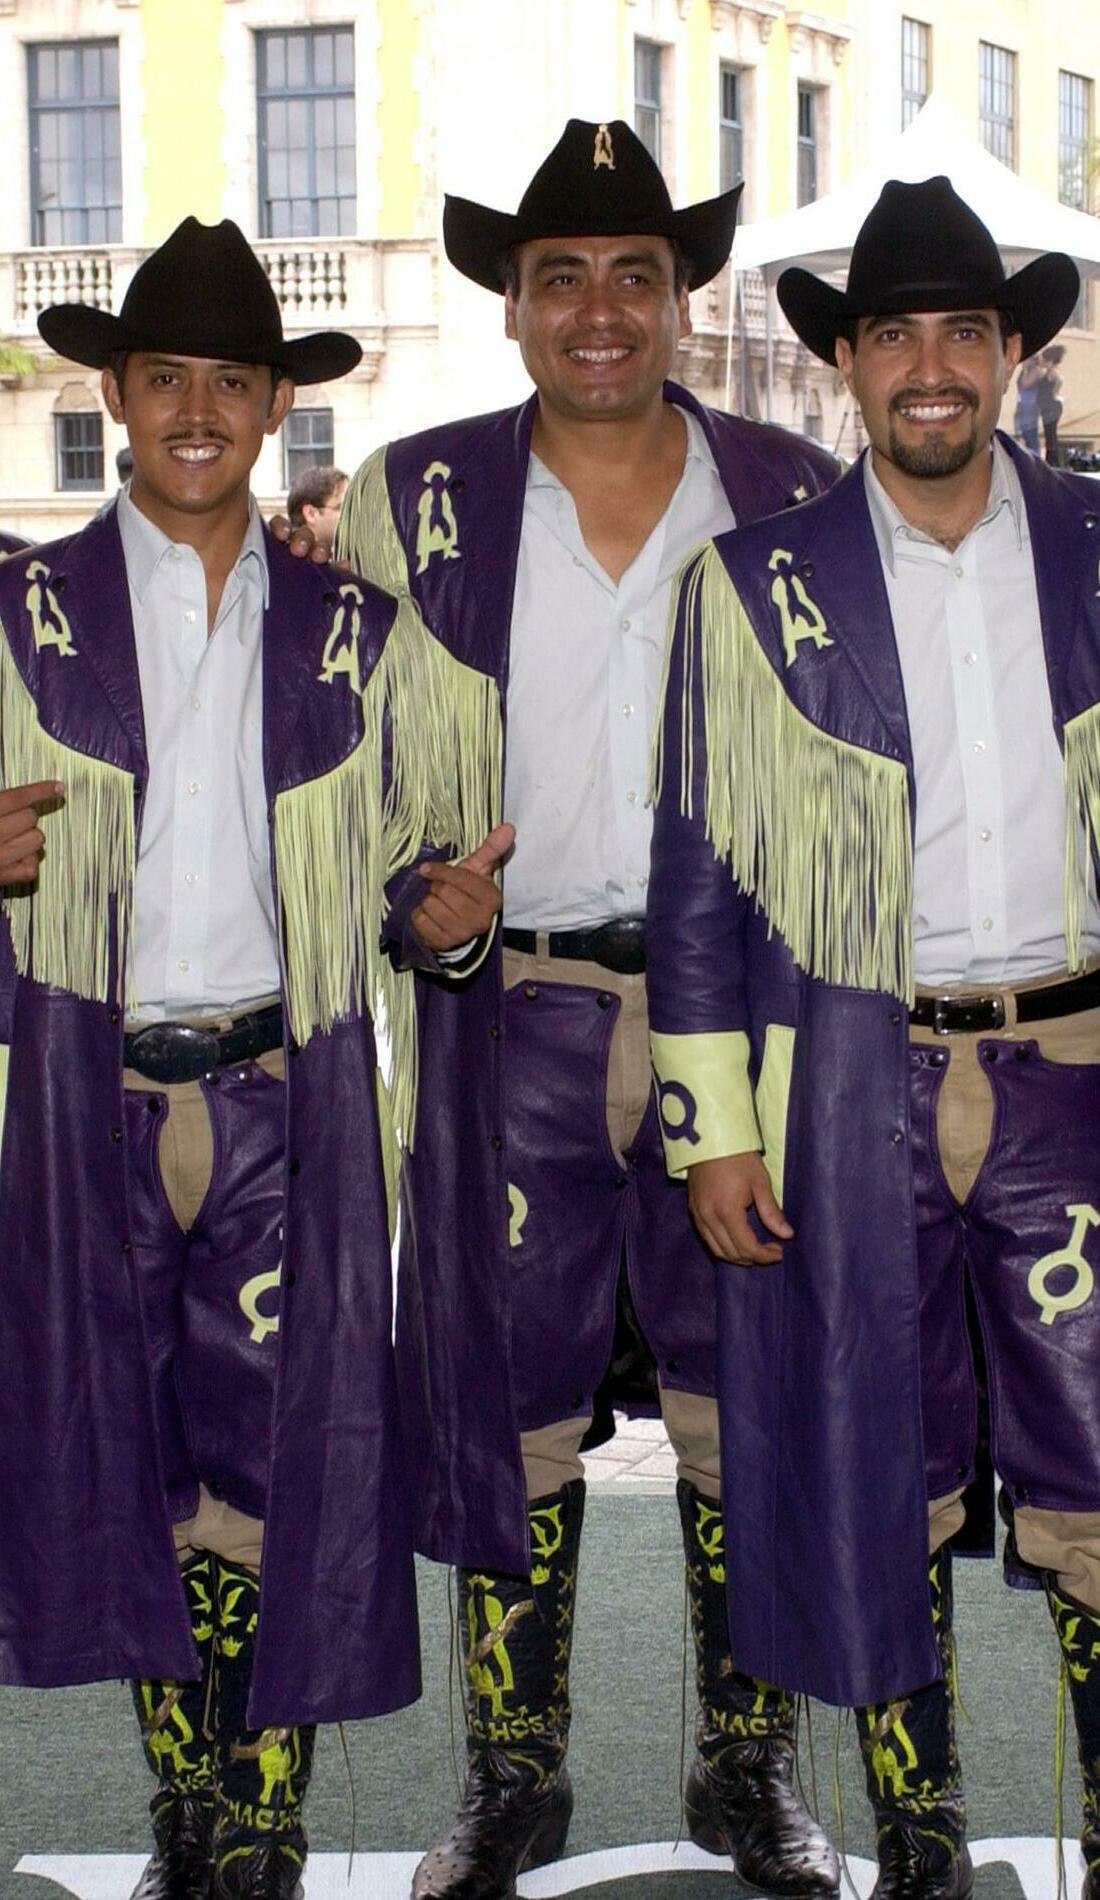 A Banda Machos live event